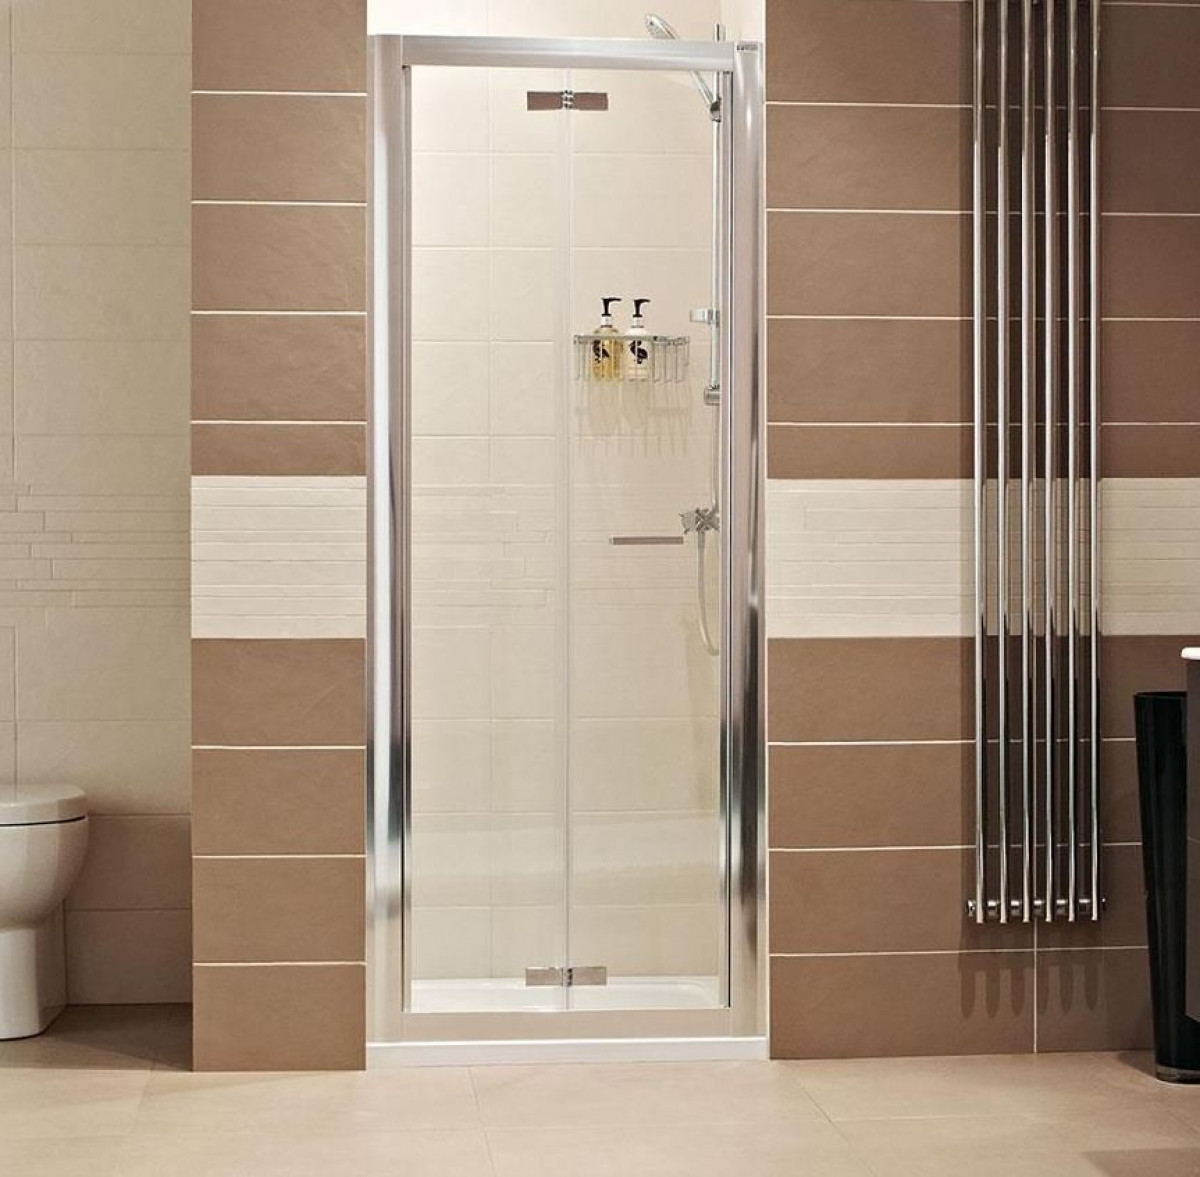 Roman lumin8 1200mm bifold shower door for 1200mm shower door